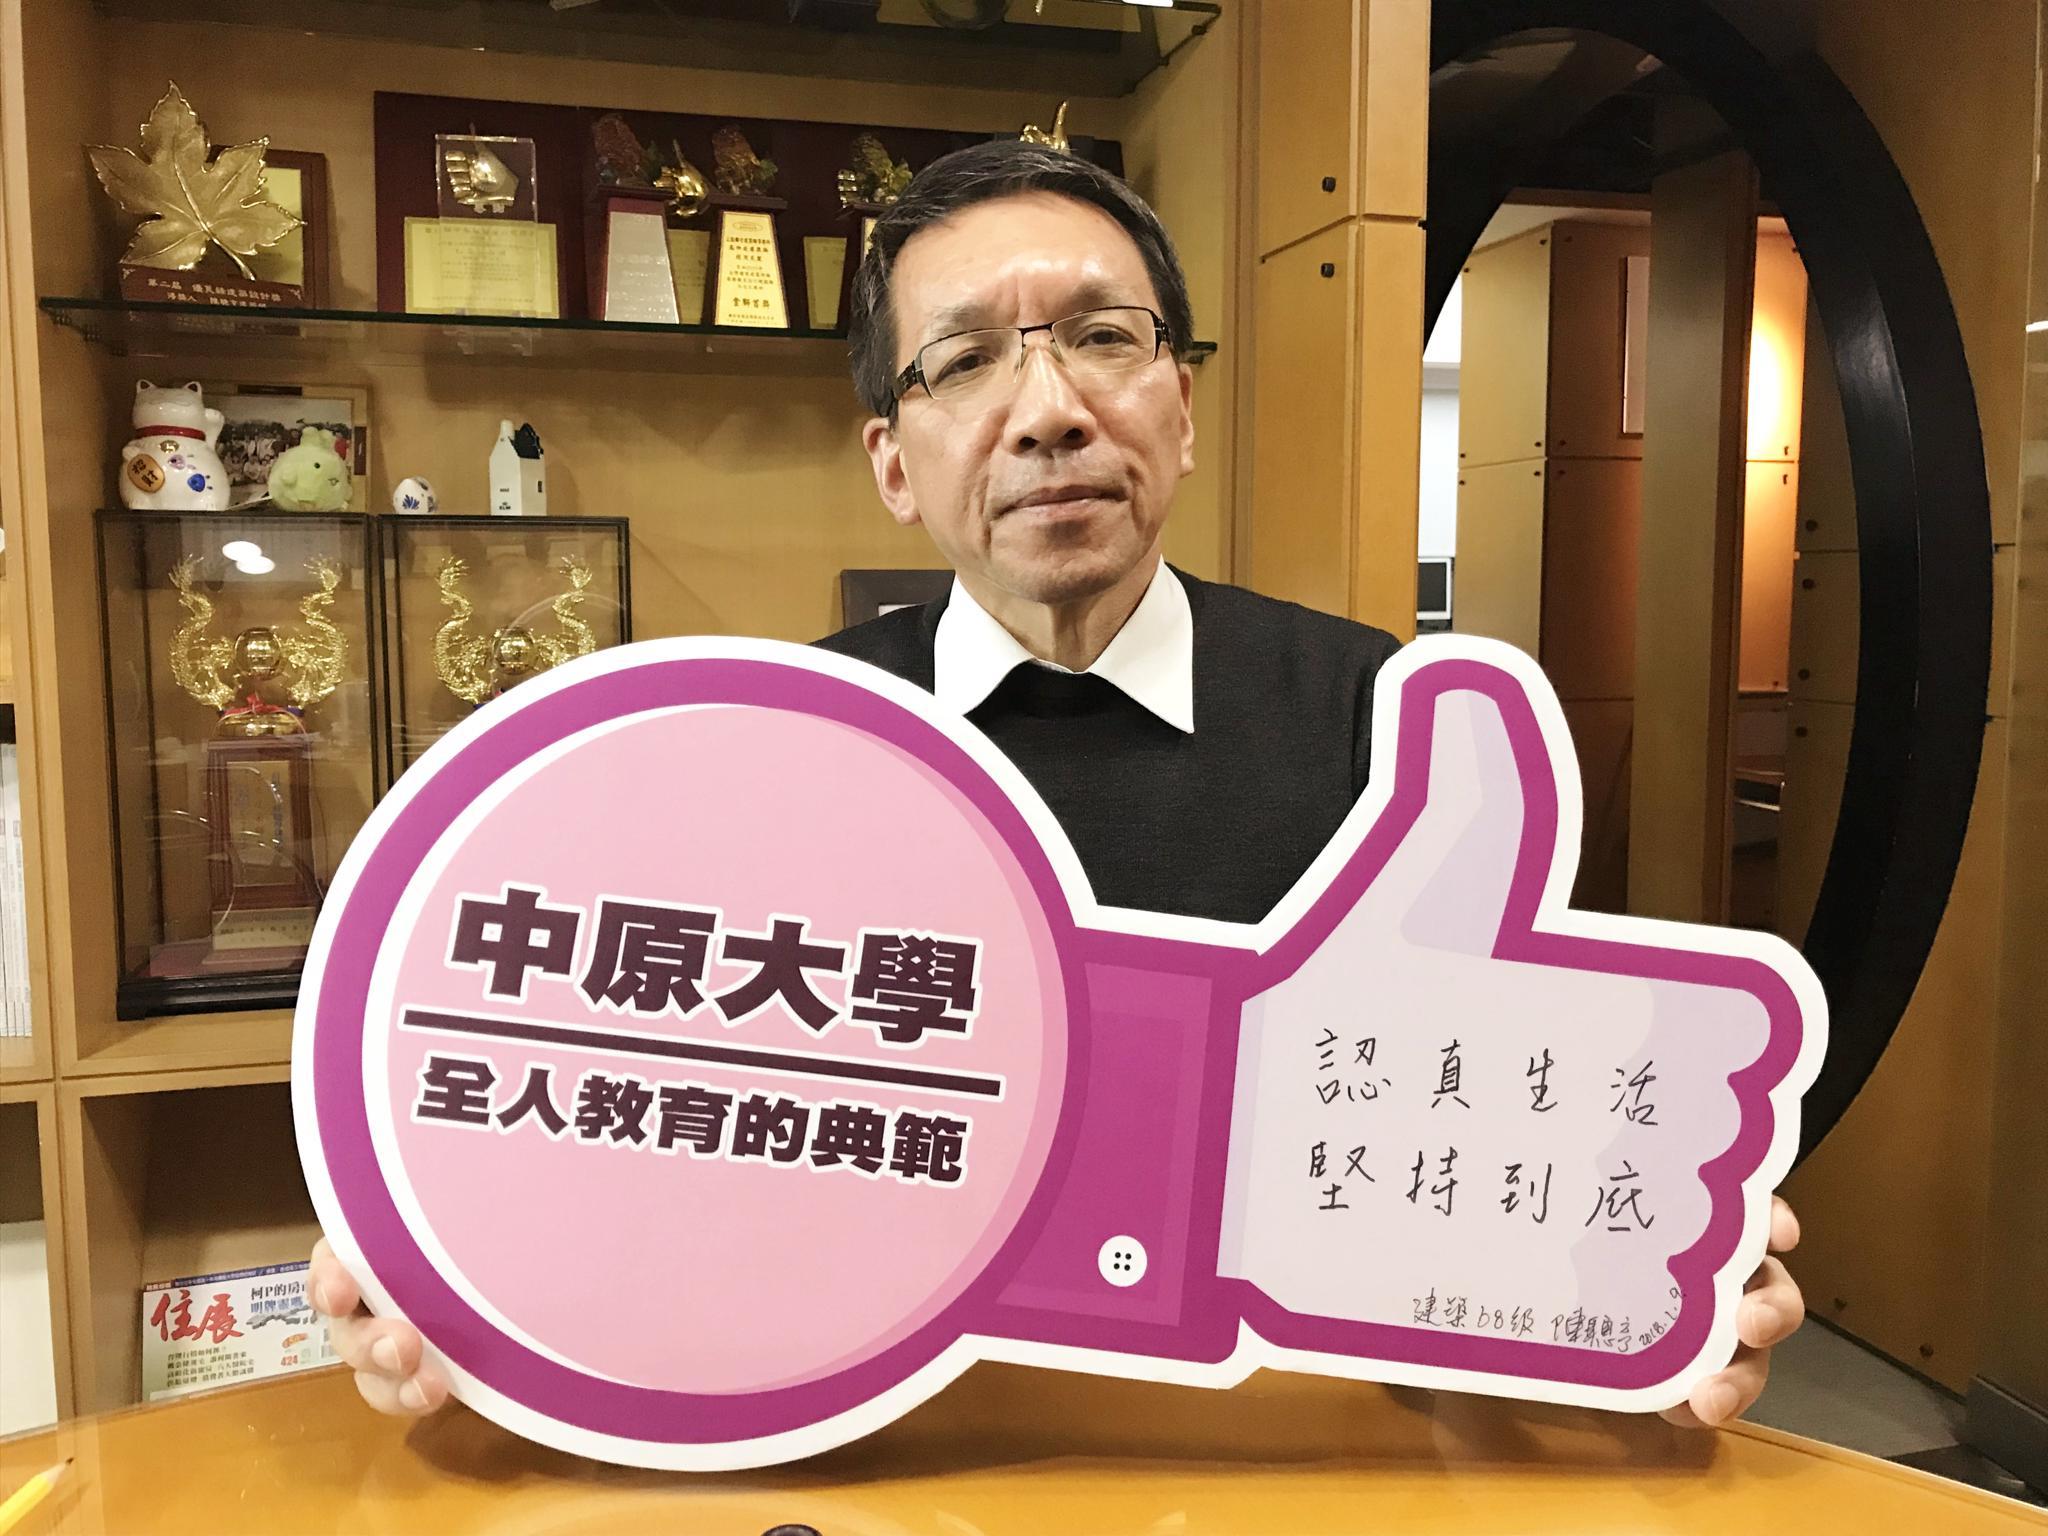 將社團服務熱忱帶入社會 慈暉社長陳聰亨與社員相約行善45載